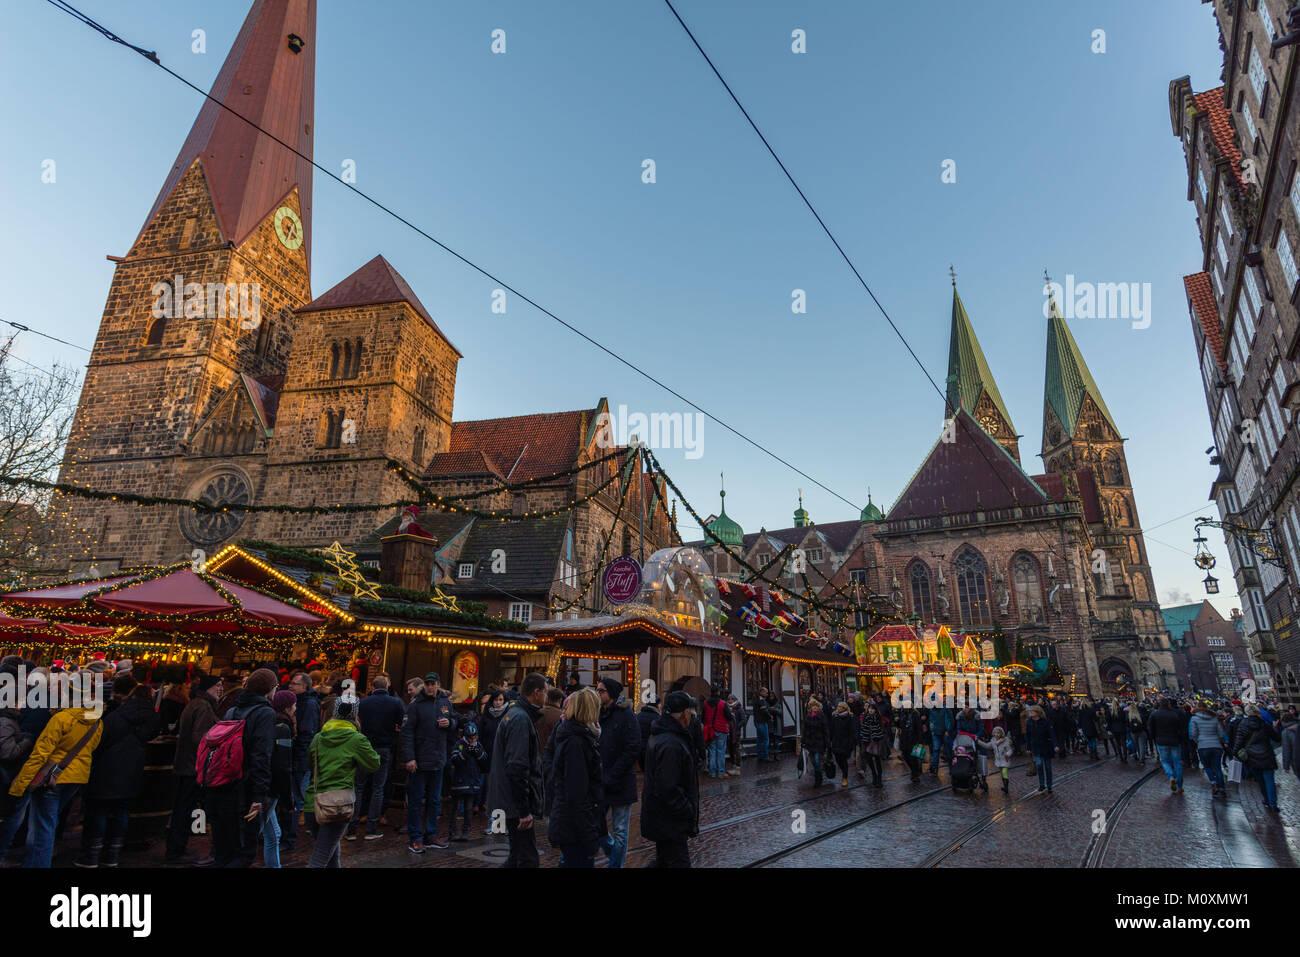 Mercado De Navidad Marktplatz En El Centro De La Ciudad La Iglesia De Nuestra Señora Izquierda Las Torres De La Catedral A La Derecha Bremen Alemania Europa Fotografía De Stock Alamy